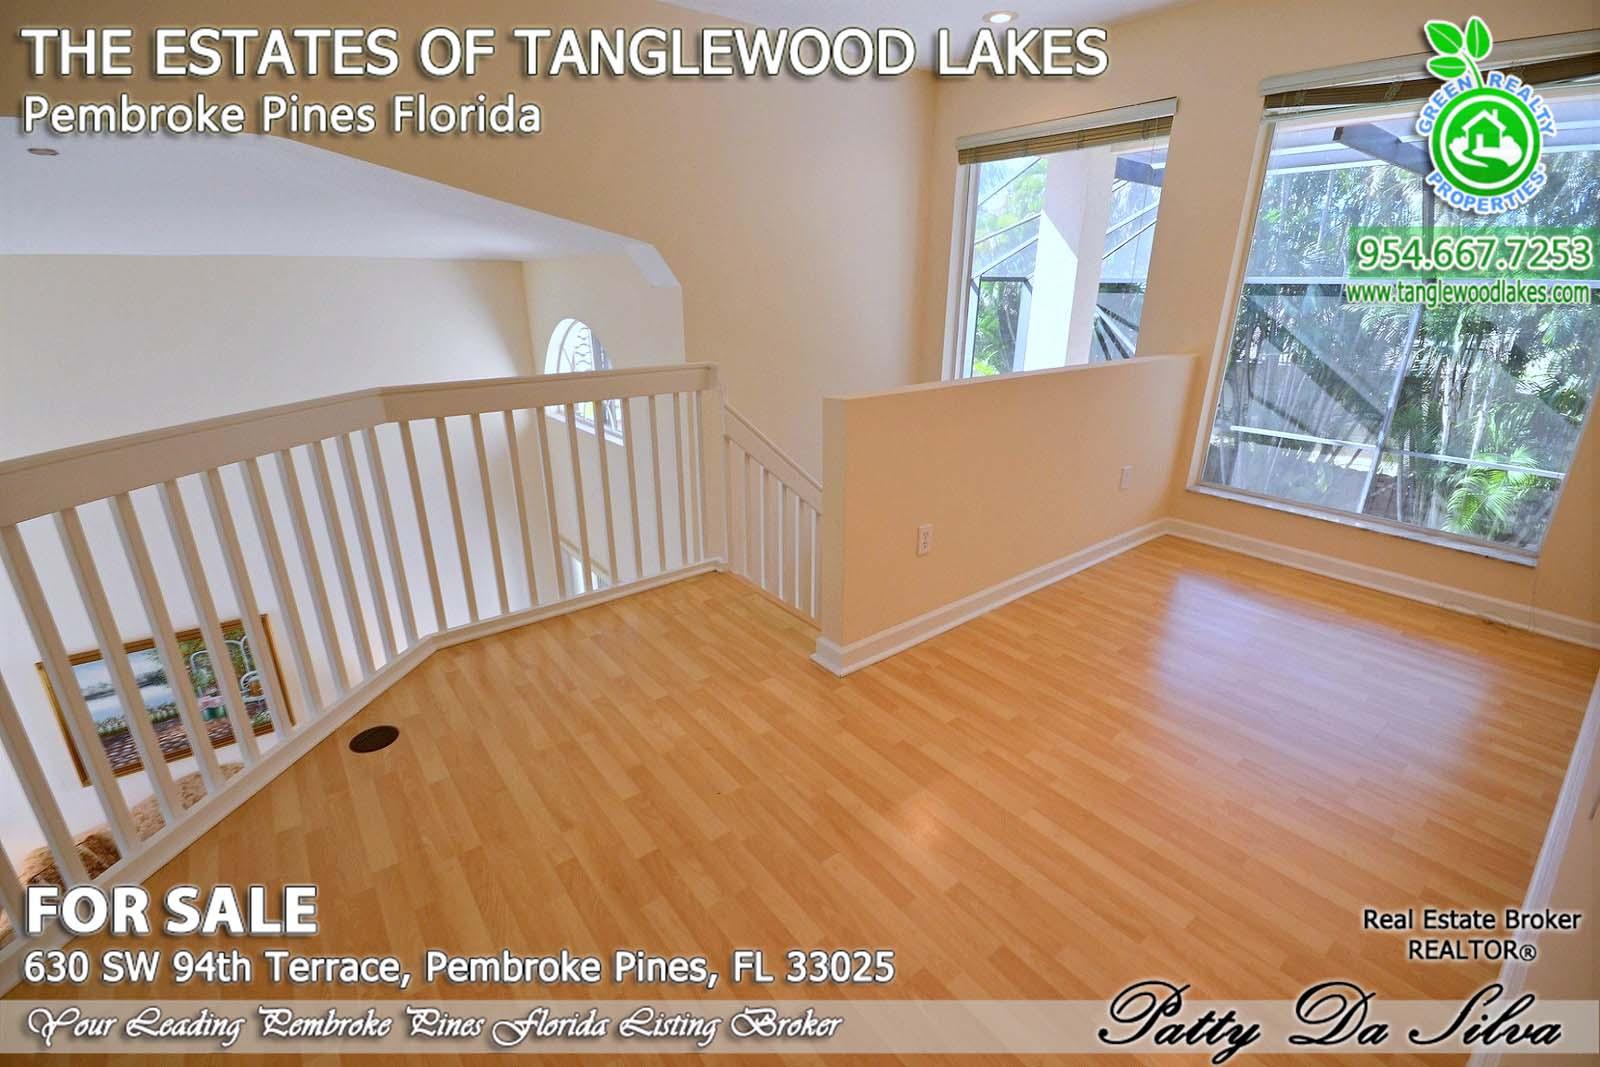 Realtors in Tanglewood Lakes Pembroke Pines